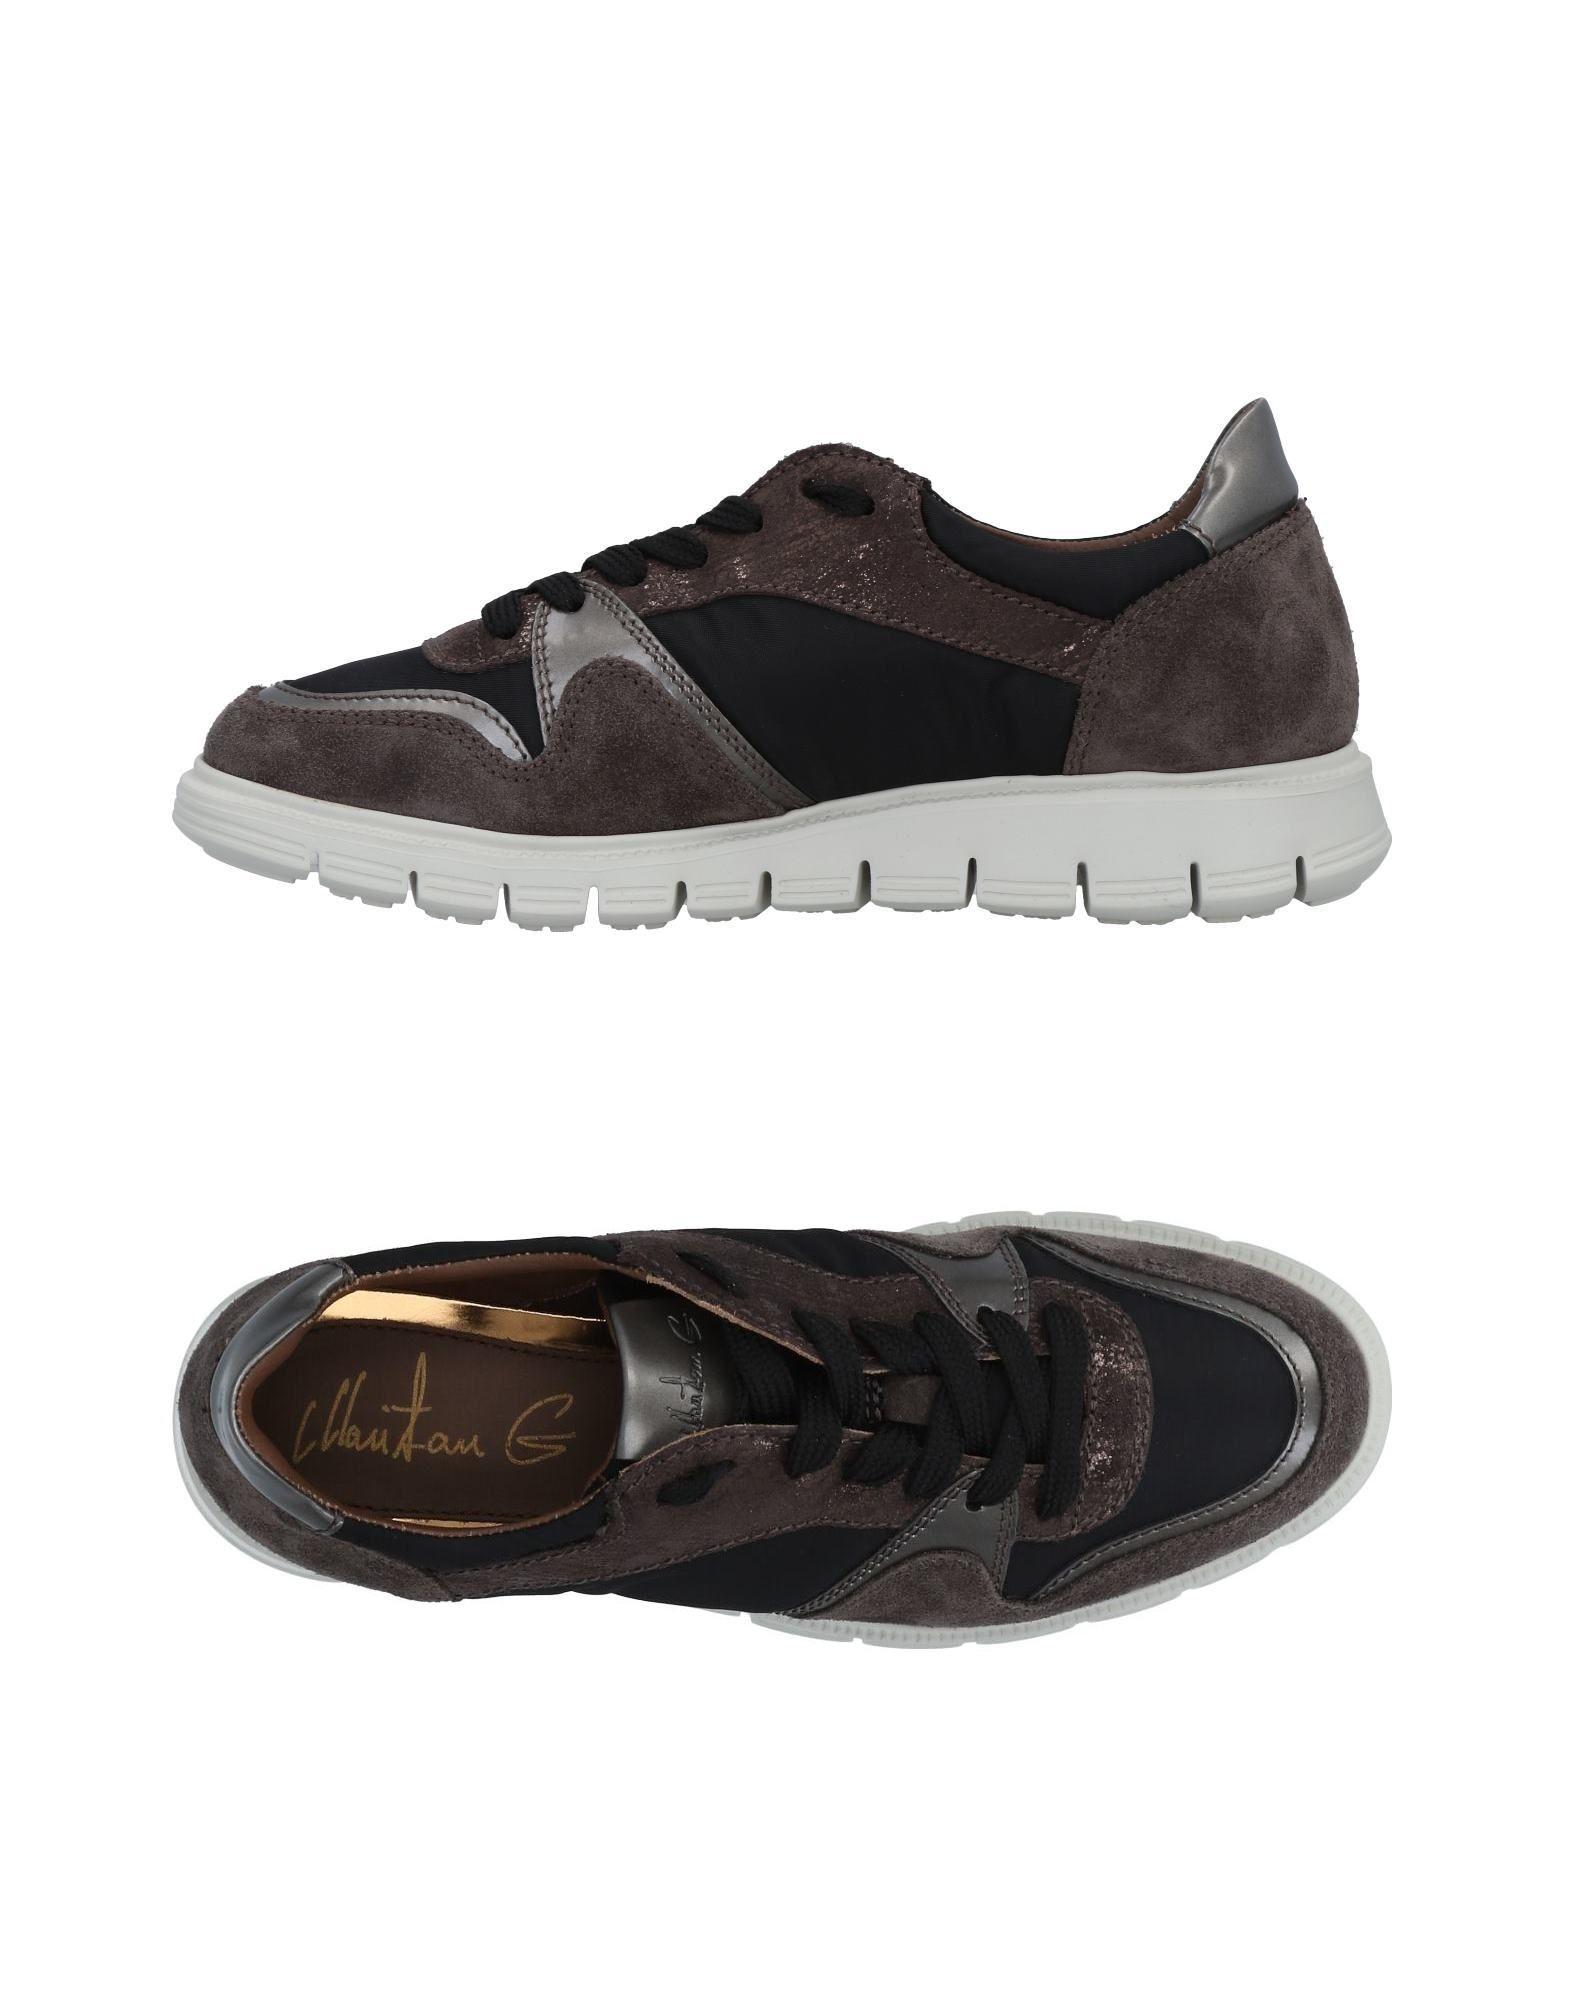 Maritan G Sneakers Damen  11493425EU Gute Qualität beliebte Schuhe